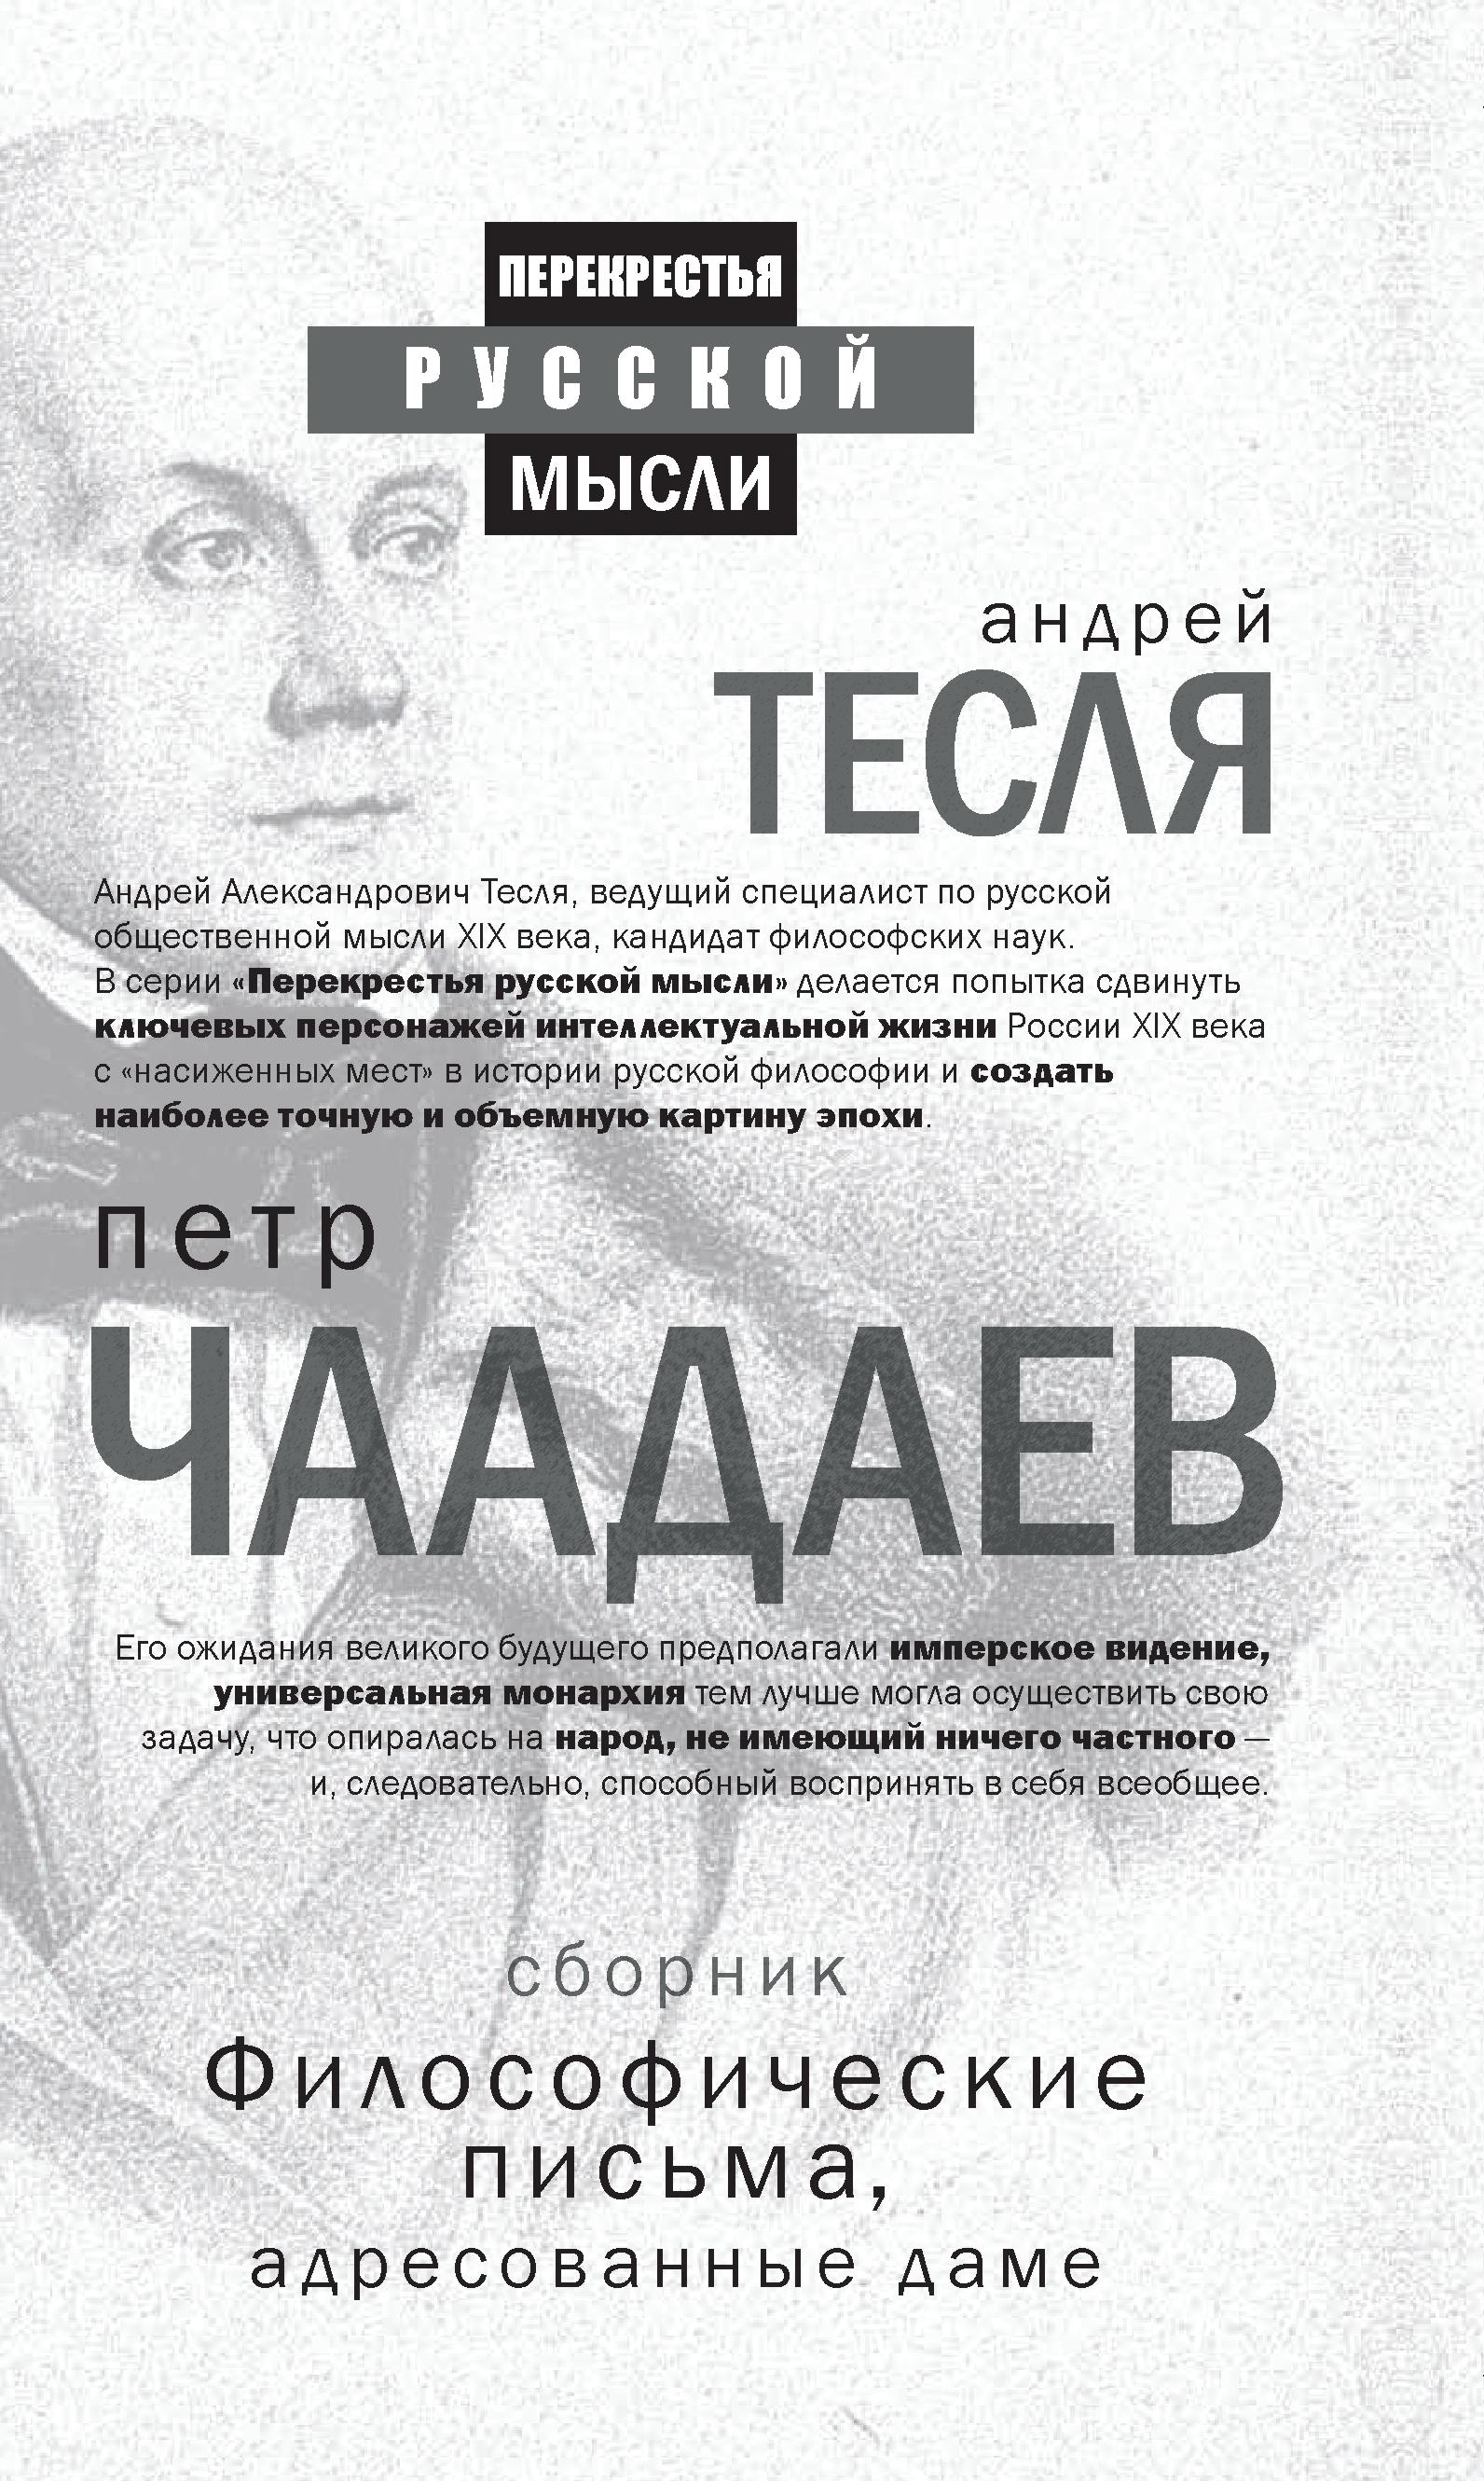 цена на Петр Чаадаев Философические письма, адресованные даме (сборник)